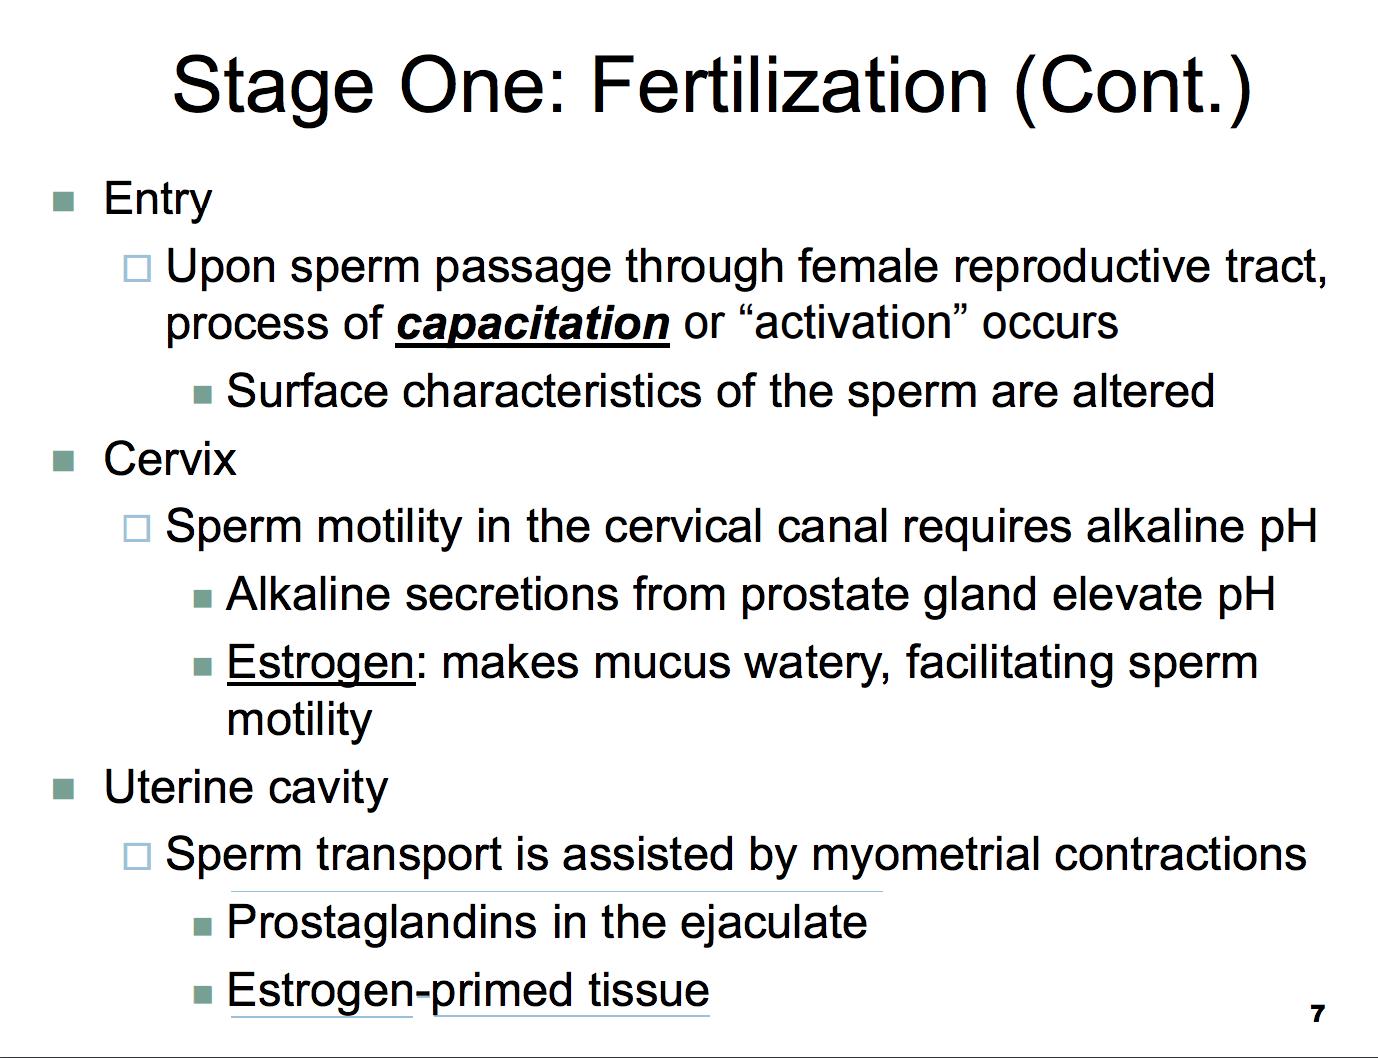 Prostaglandins in sperm